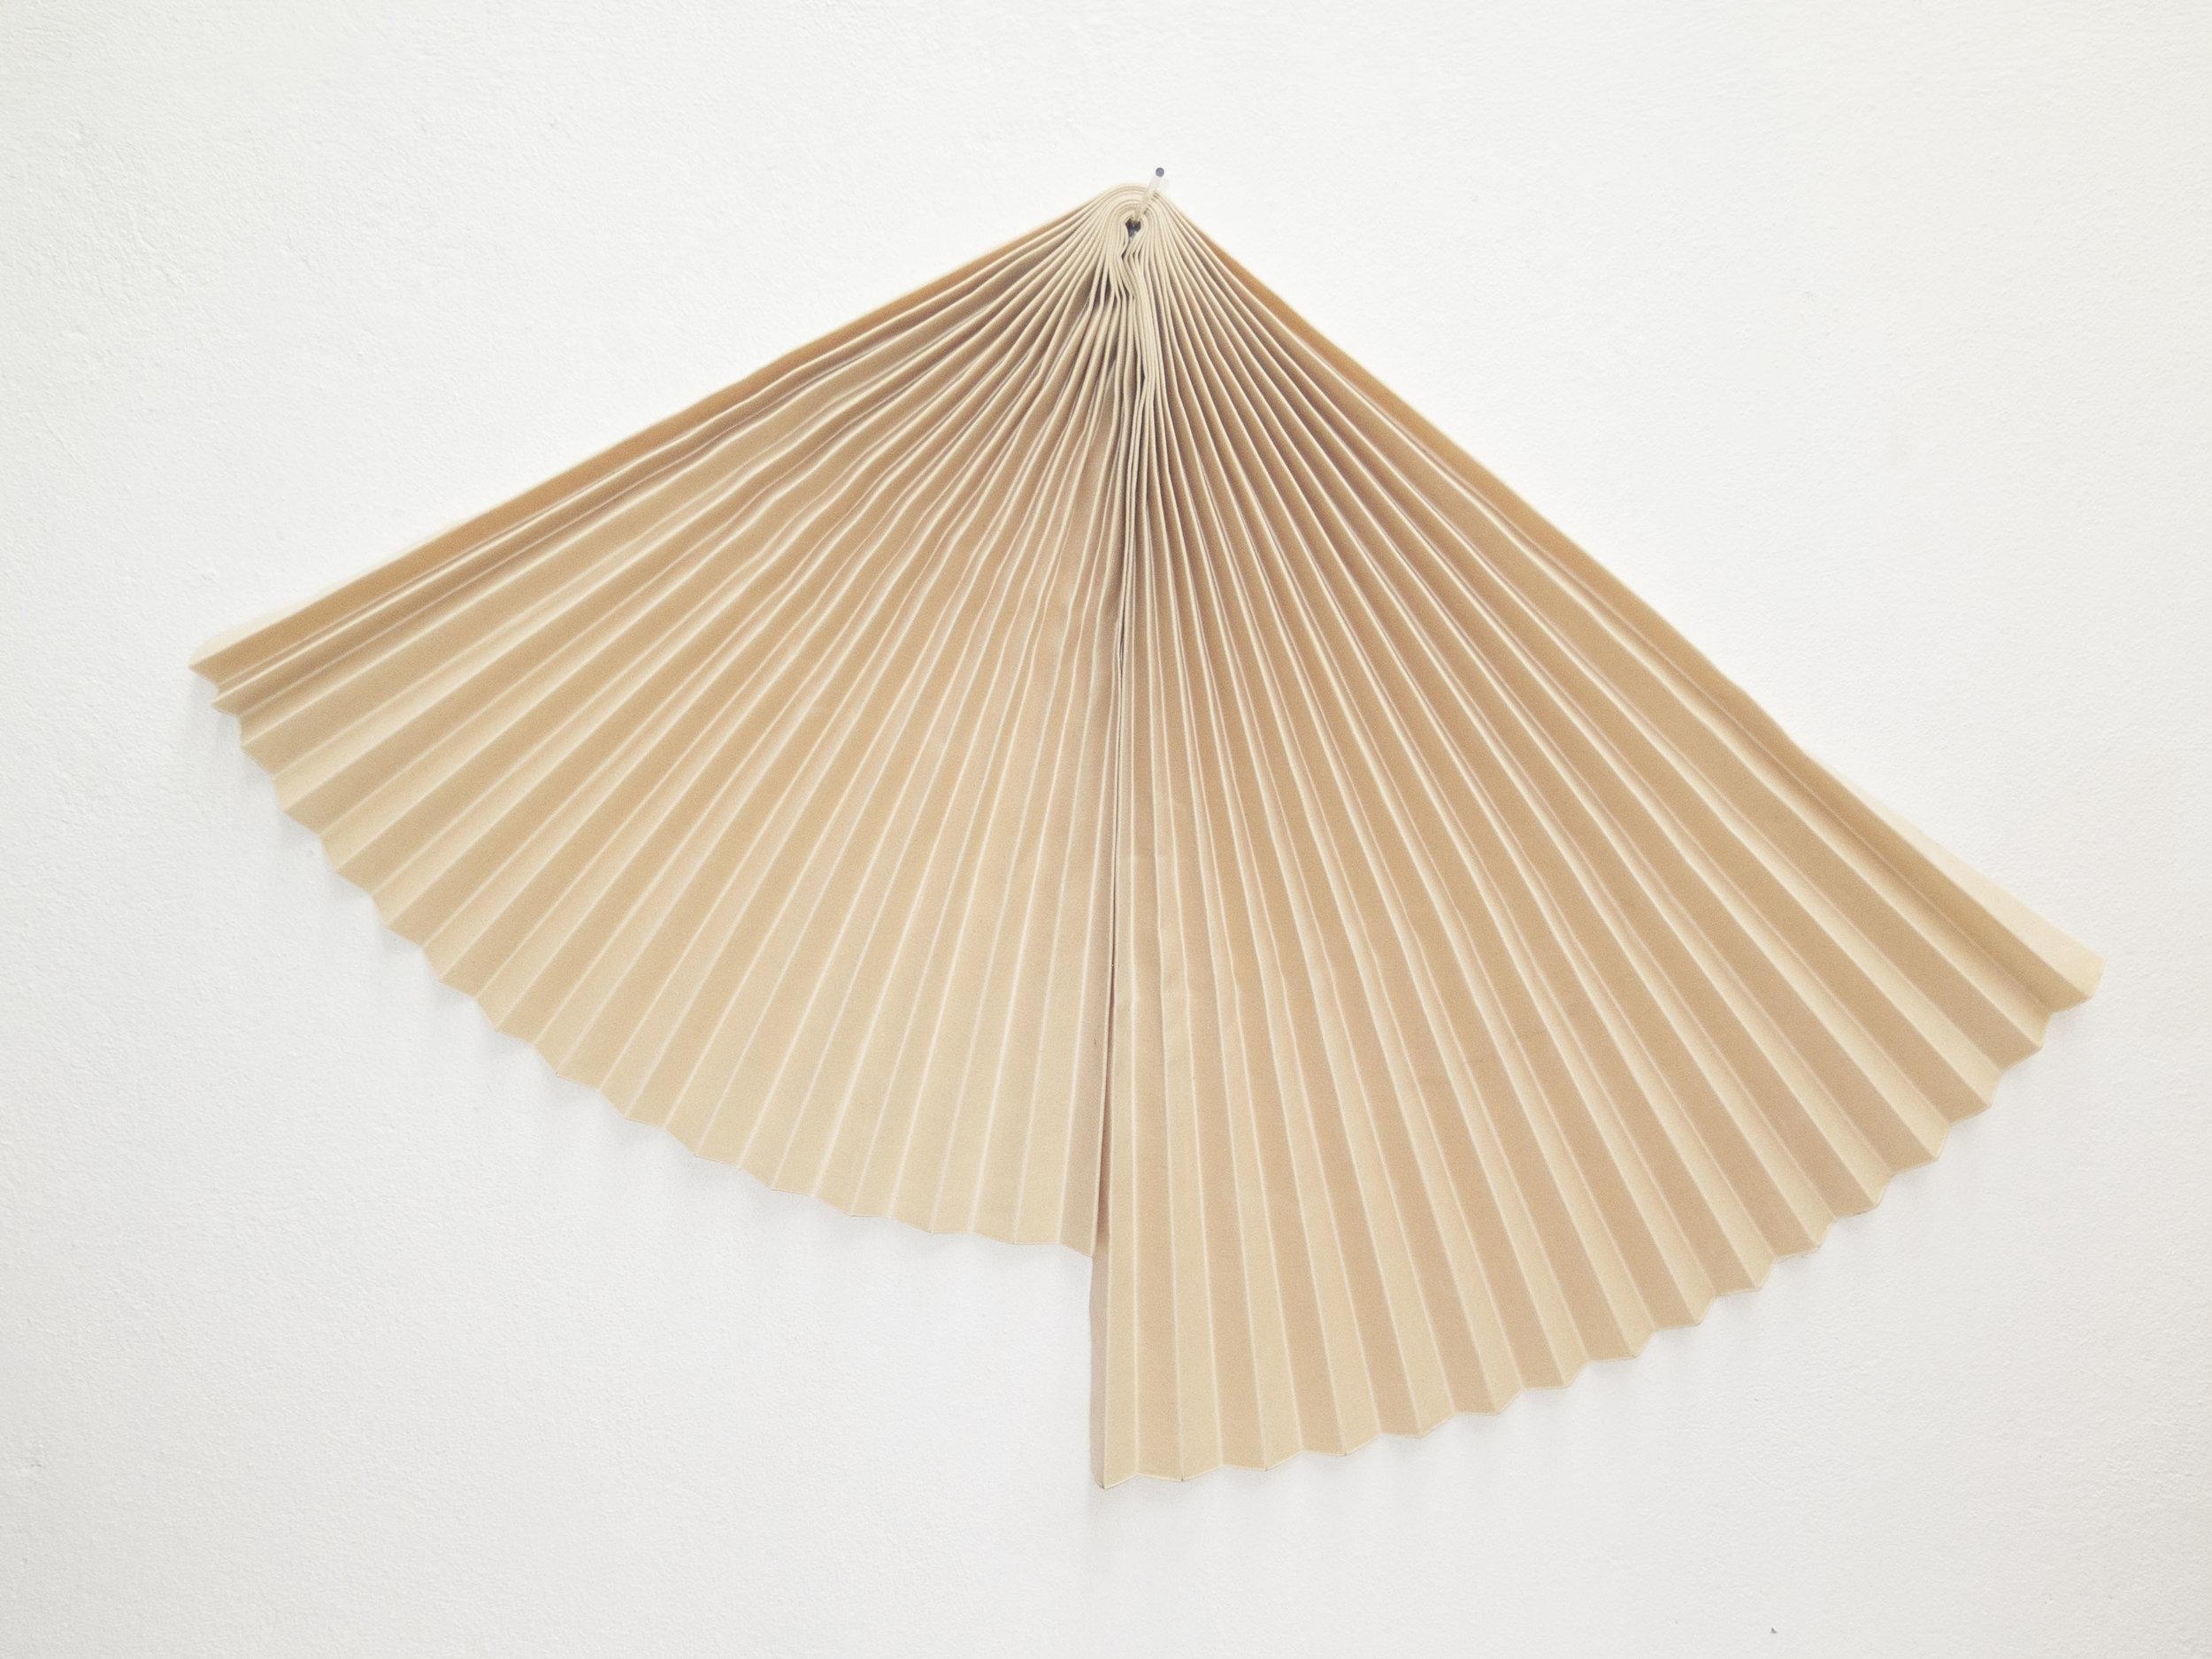 Mano penalva, Acorde, Acordo, 2019, Lona e vidro, 106 x 156 x 24 cm.jpg